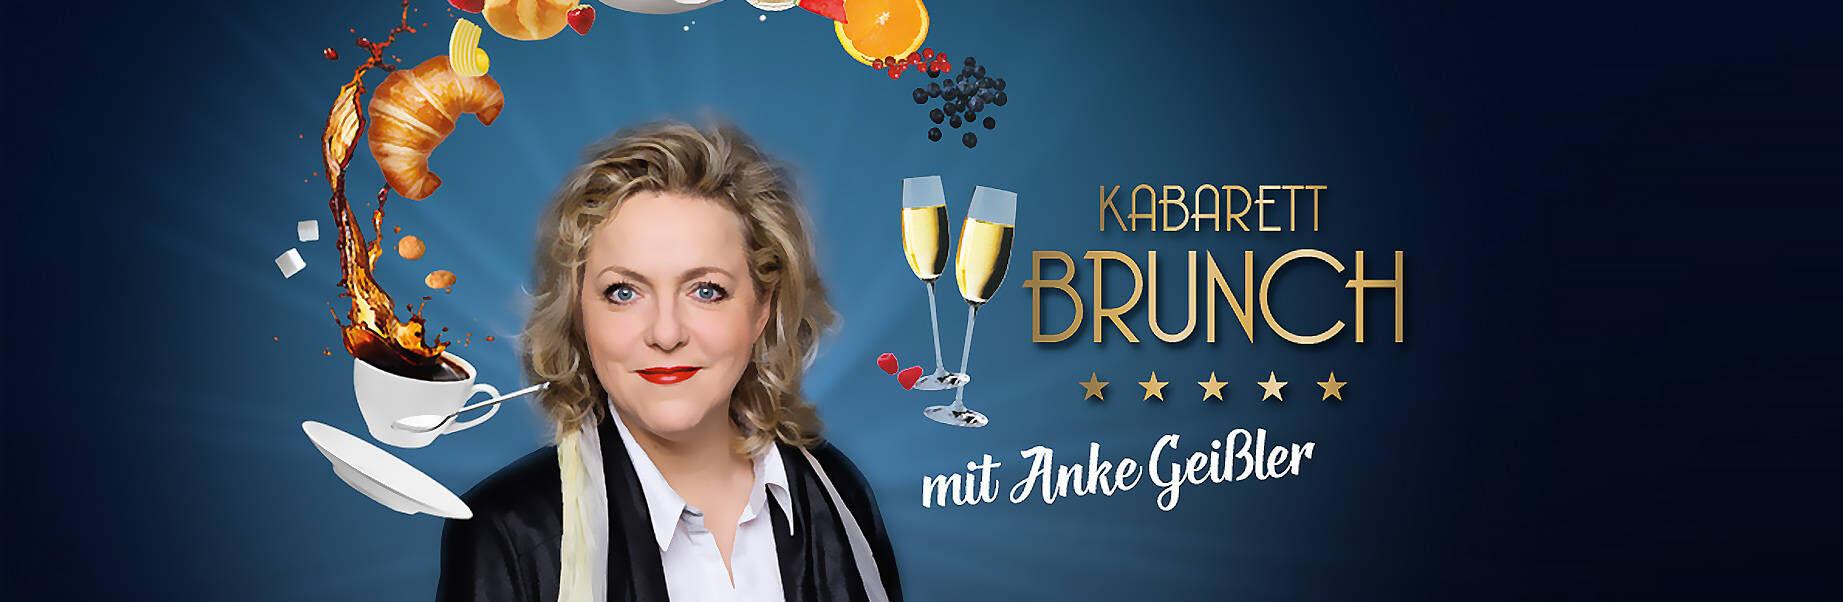 Kabarett Brunch mit Anke Geißler